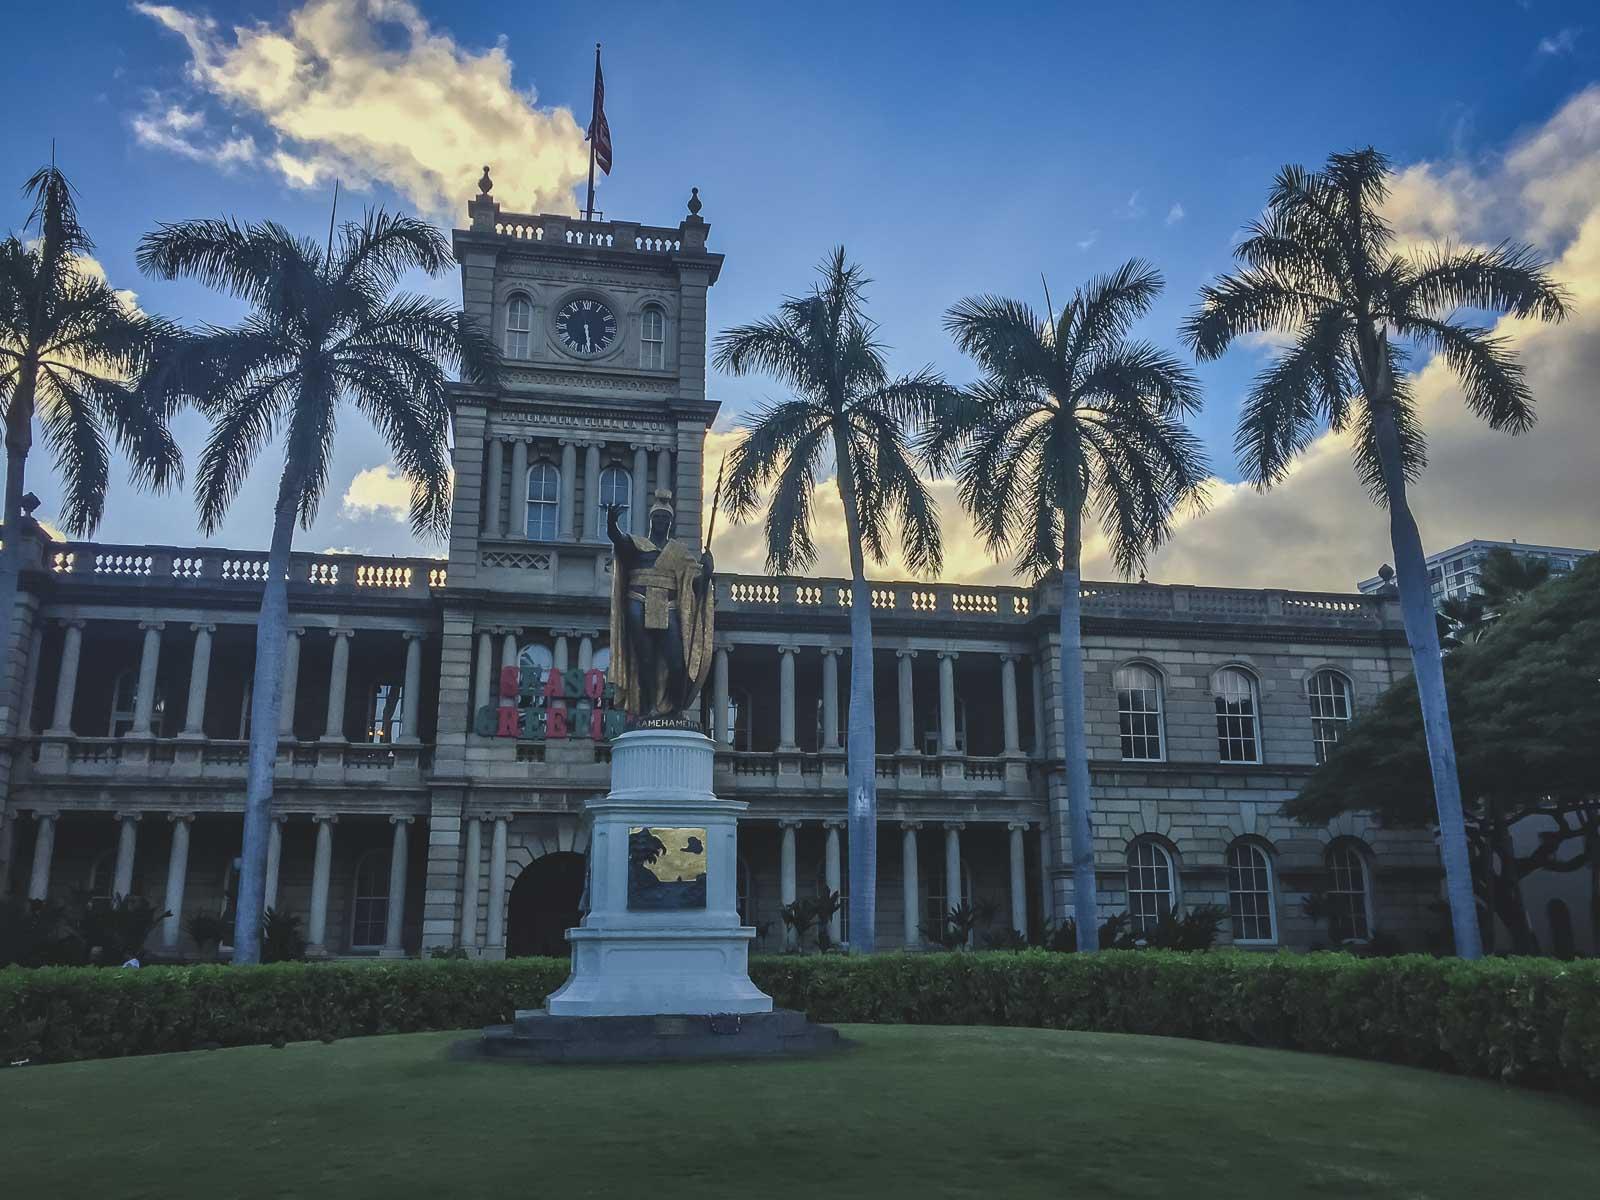 Iolani Palace in Oahu